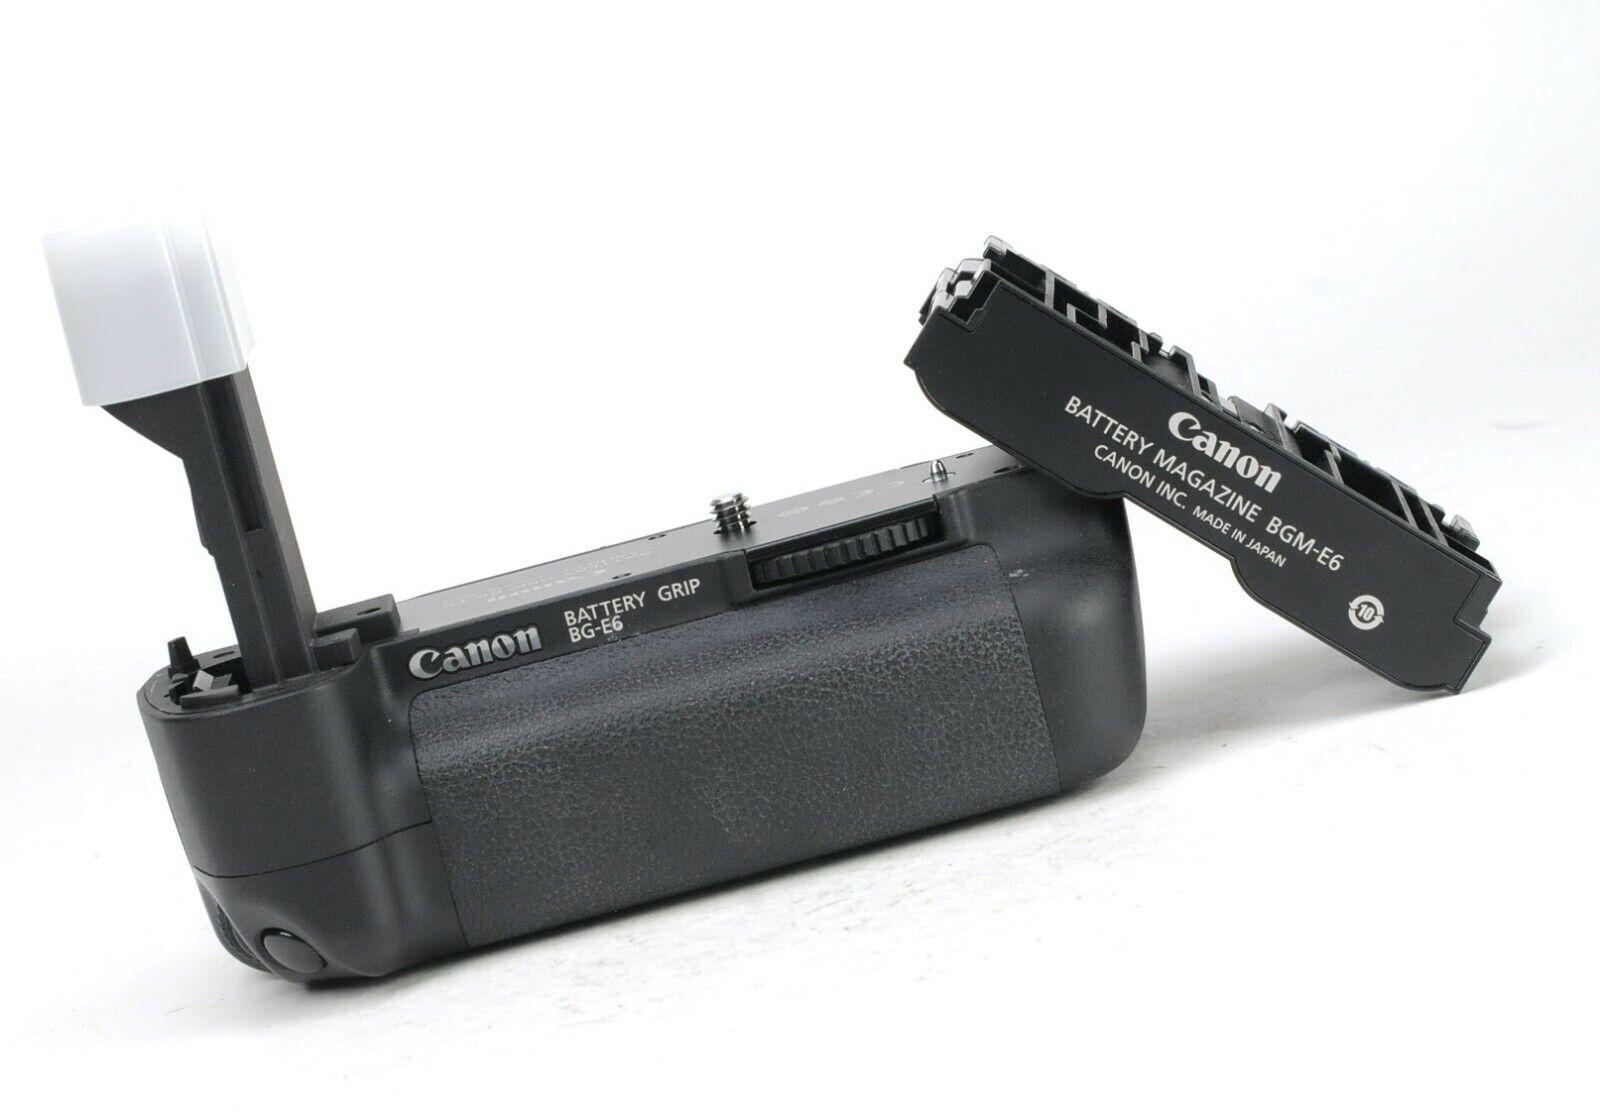 Canon BG-E6 Battery Grip for Canon EOS 5D II LP-E6 Battery - Full working Order